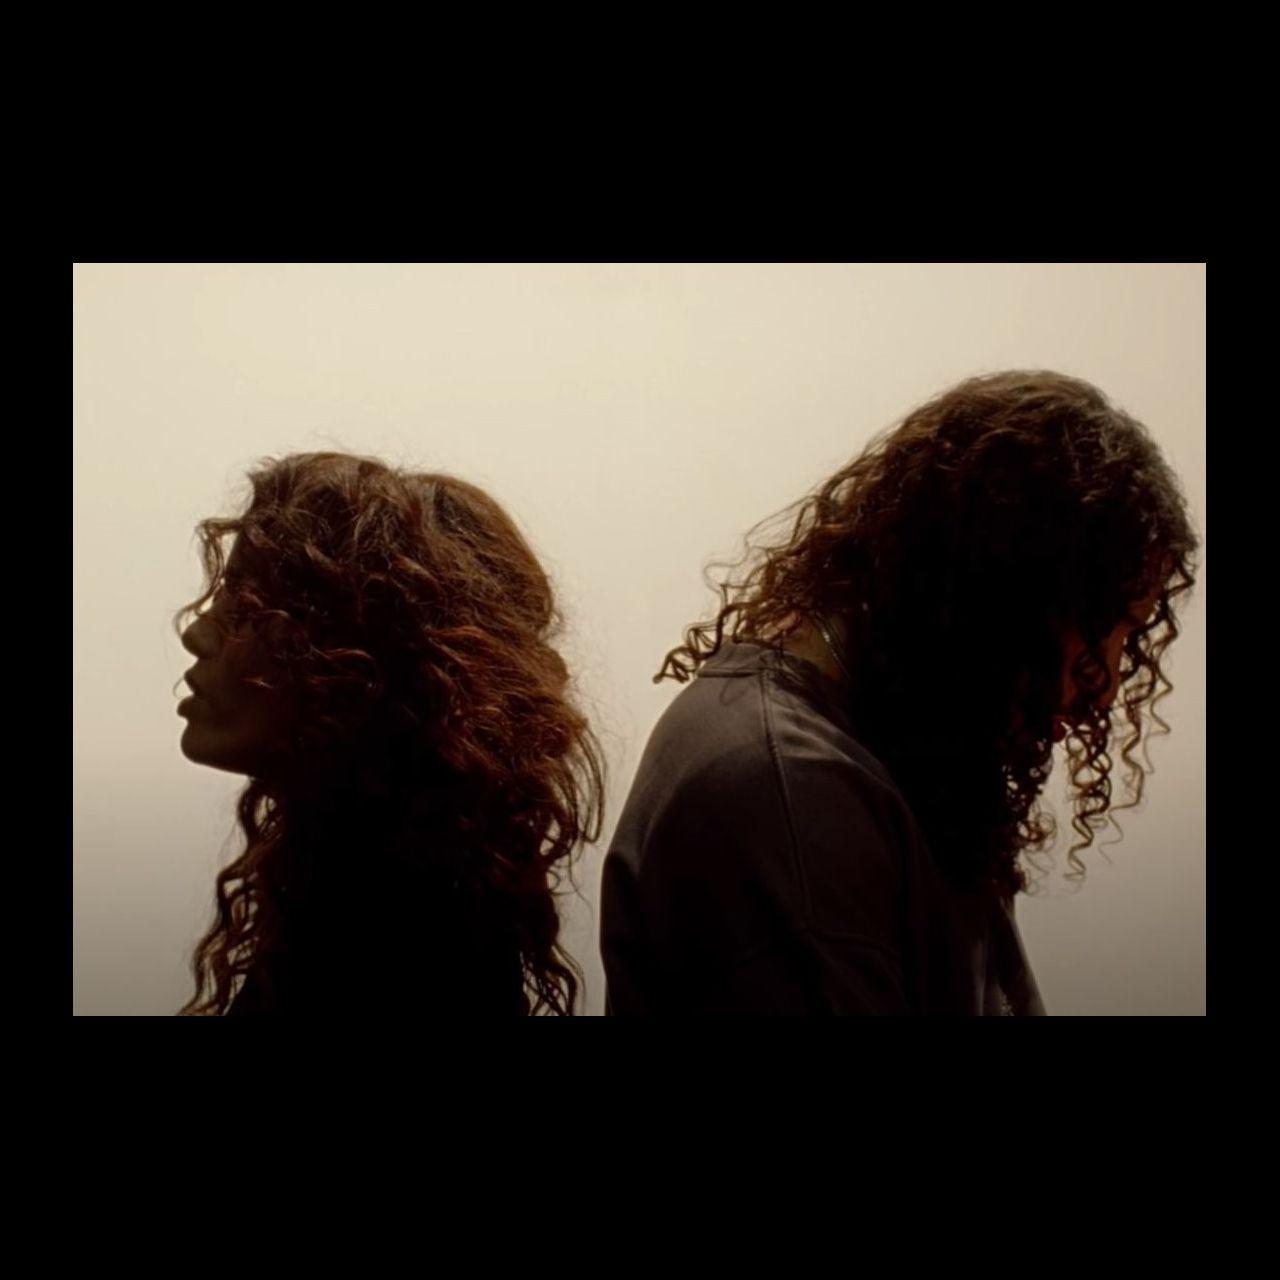 Amel Bent - 1,2,3 (ft. Hatik) (Thumbnail)